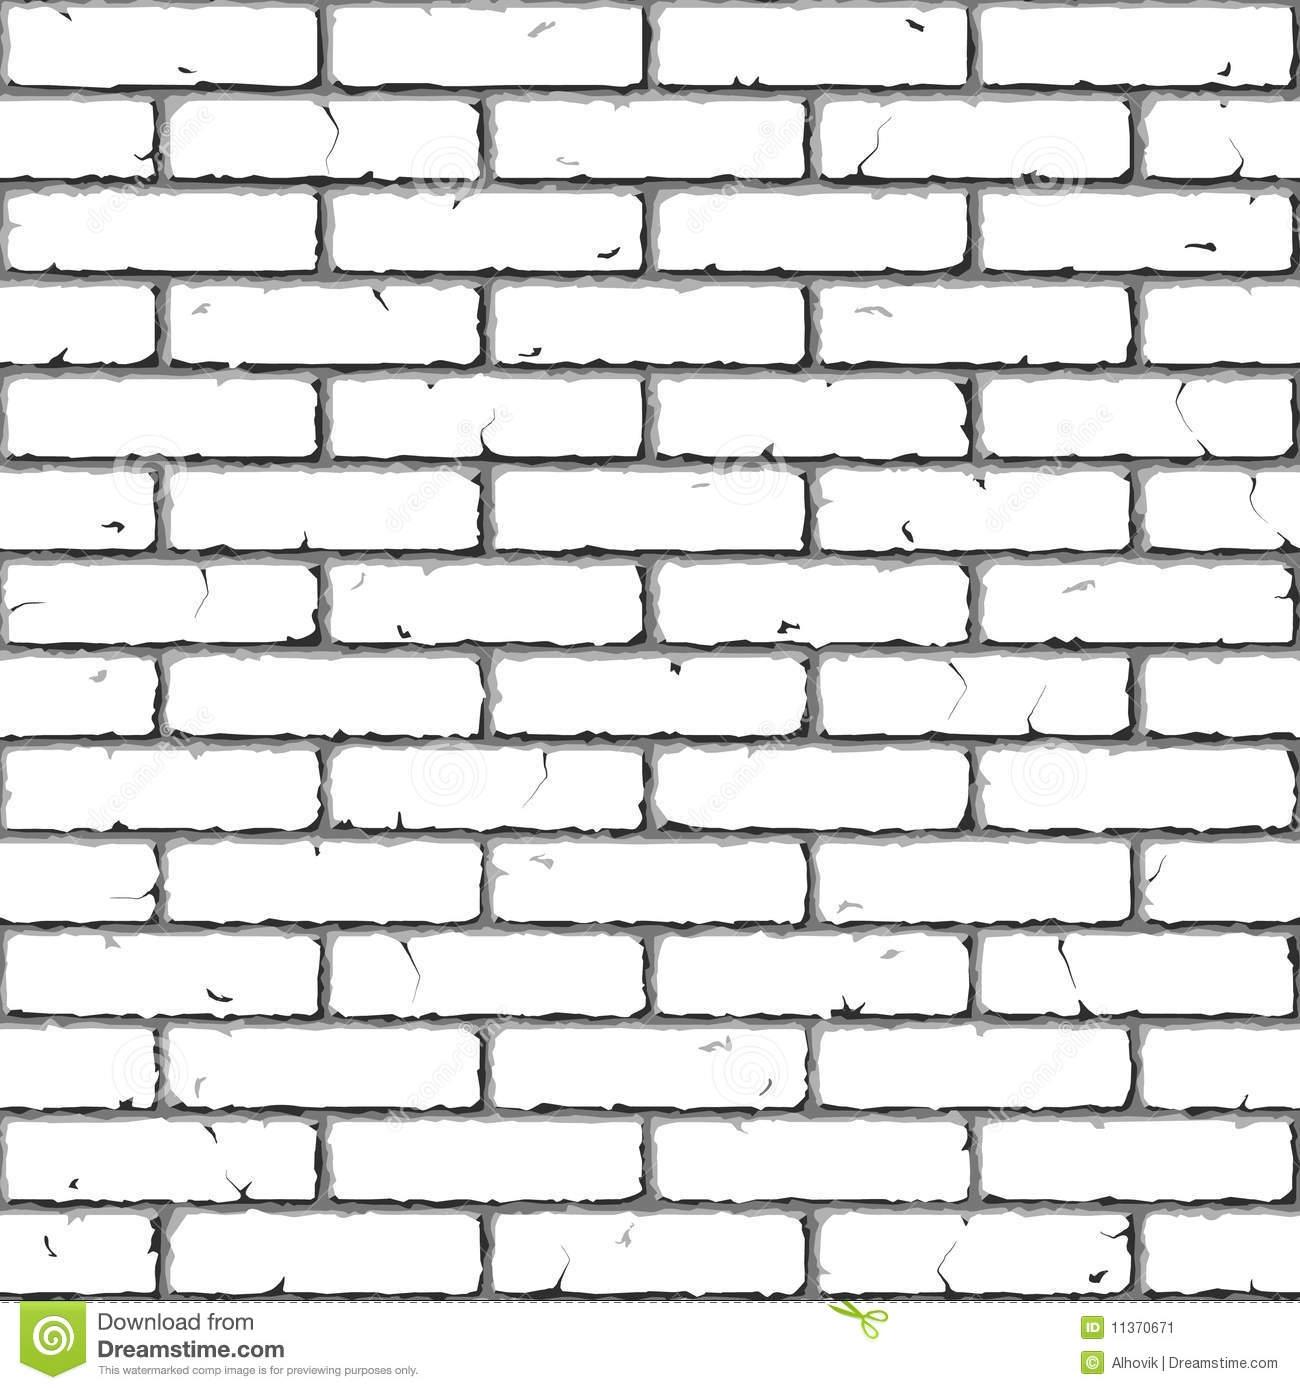 Home Design Brick Wall Clipart Black And White Cabin Bath